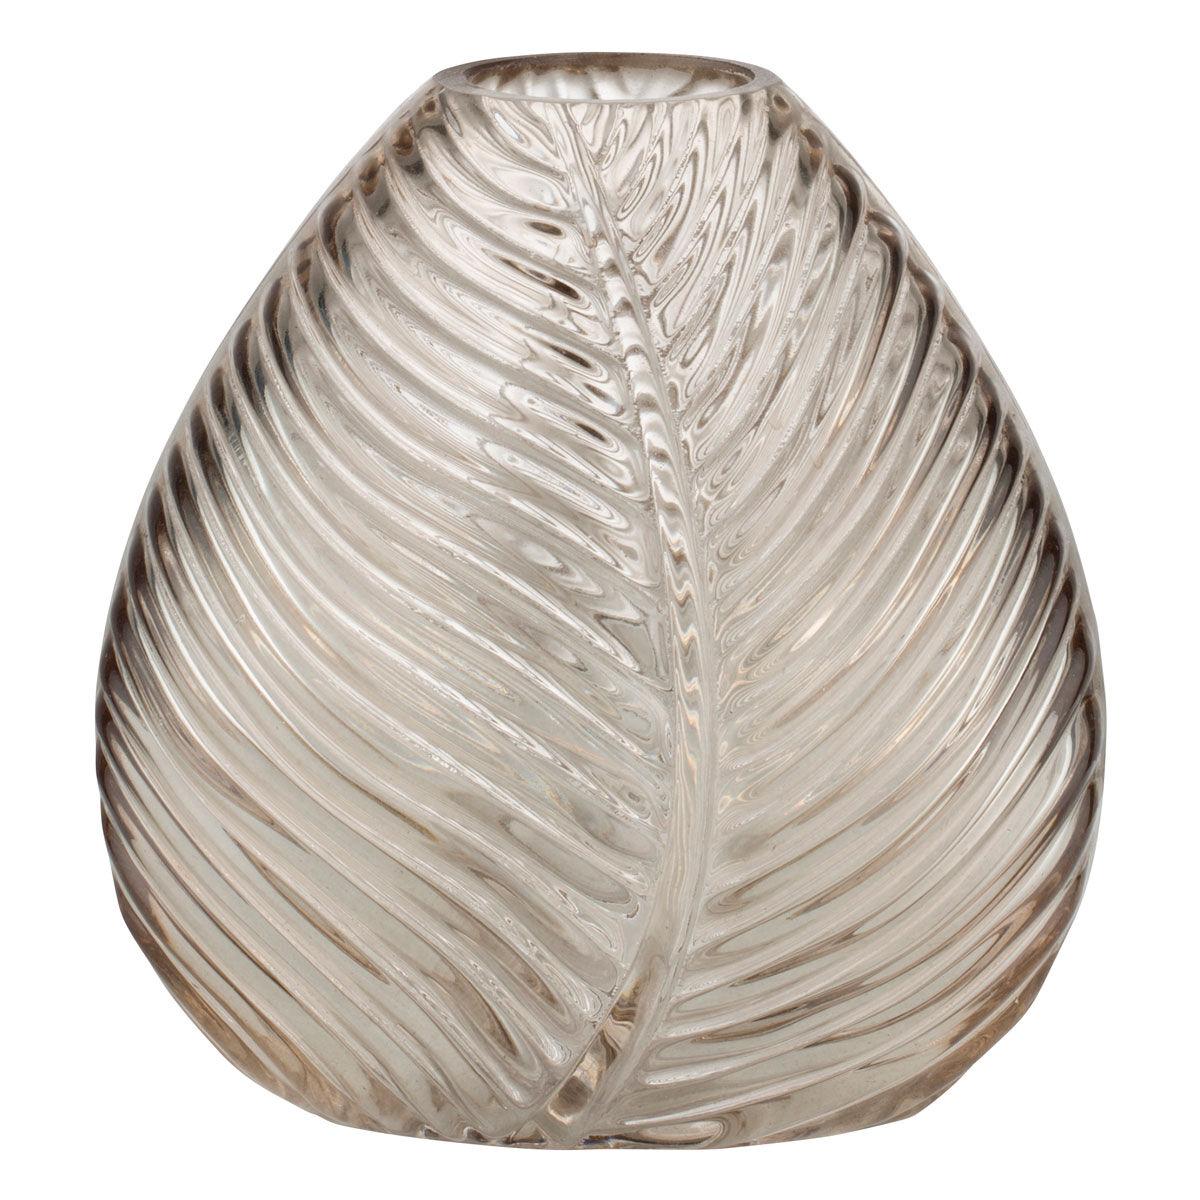 Lene Bjerre Misa Vase 13 cm, Light Gold